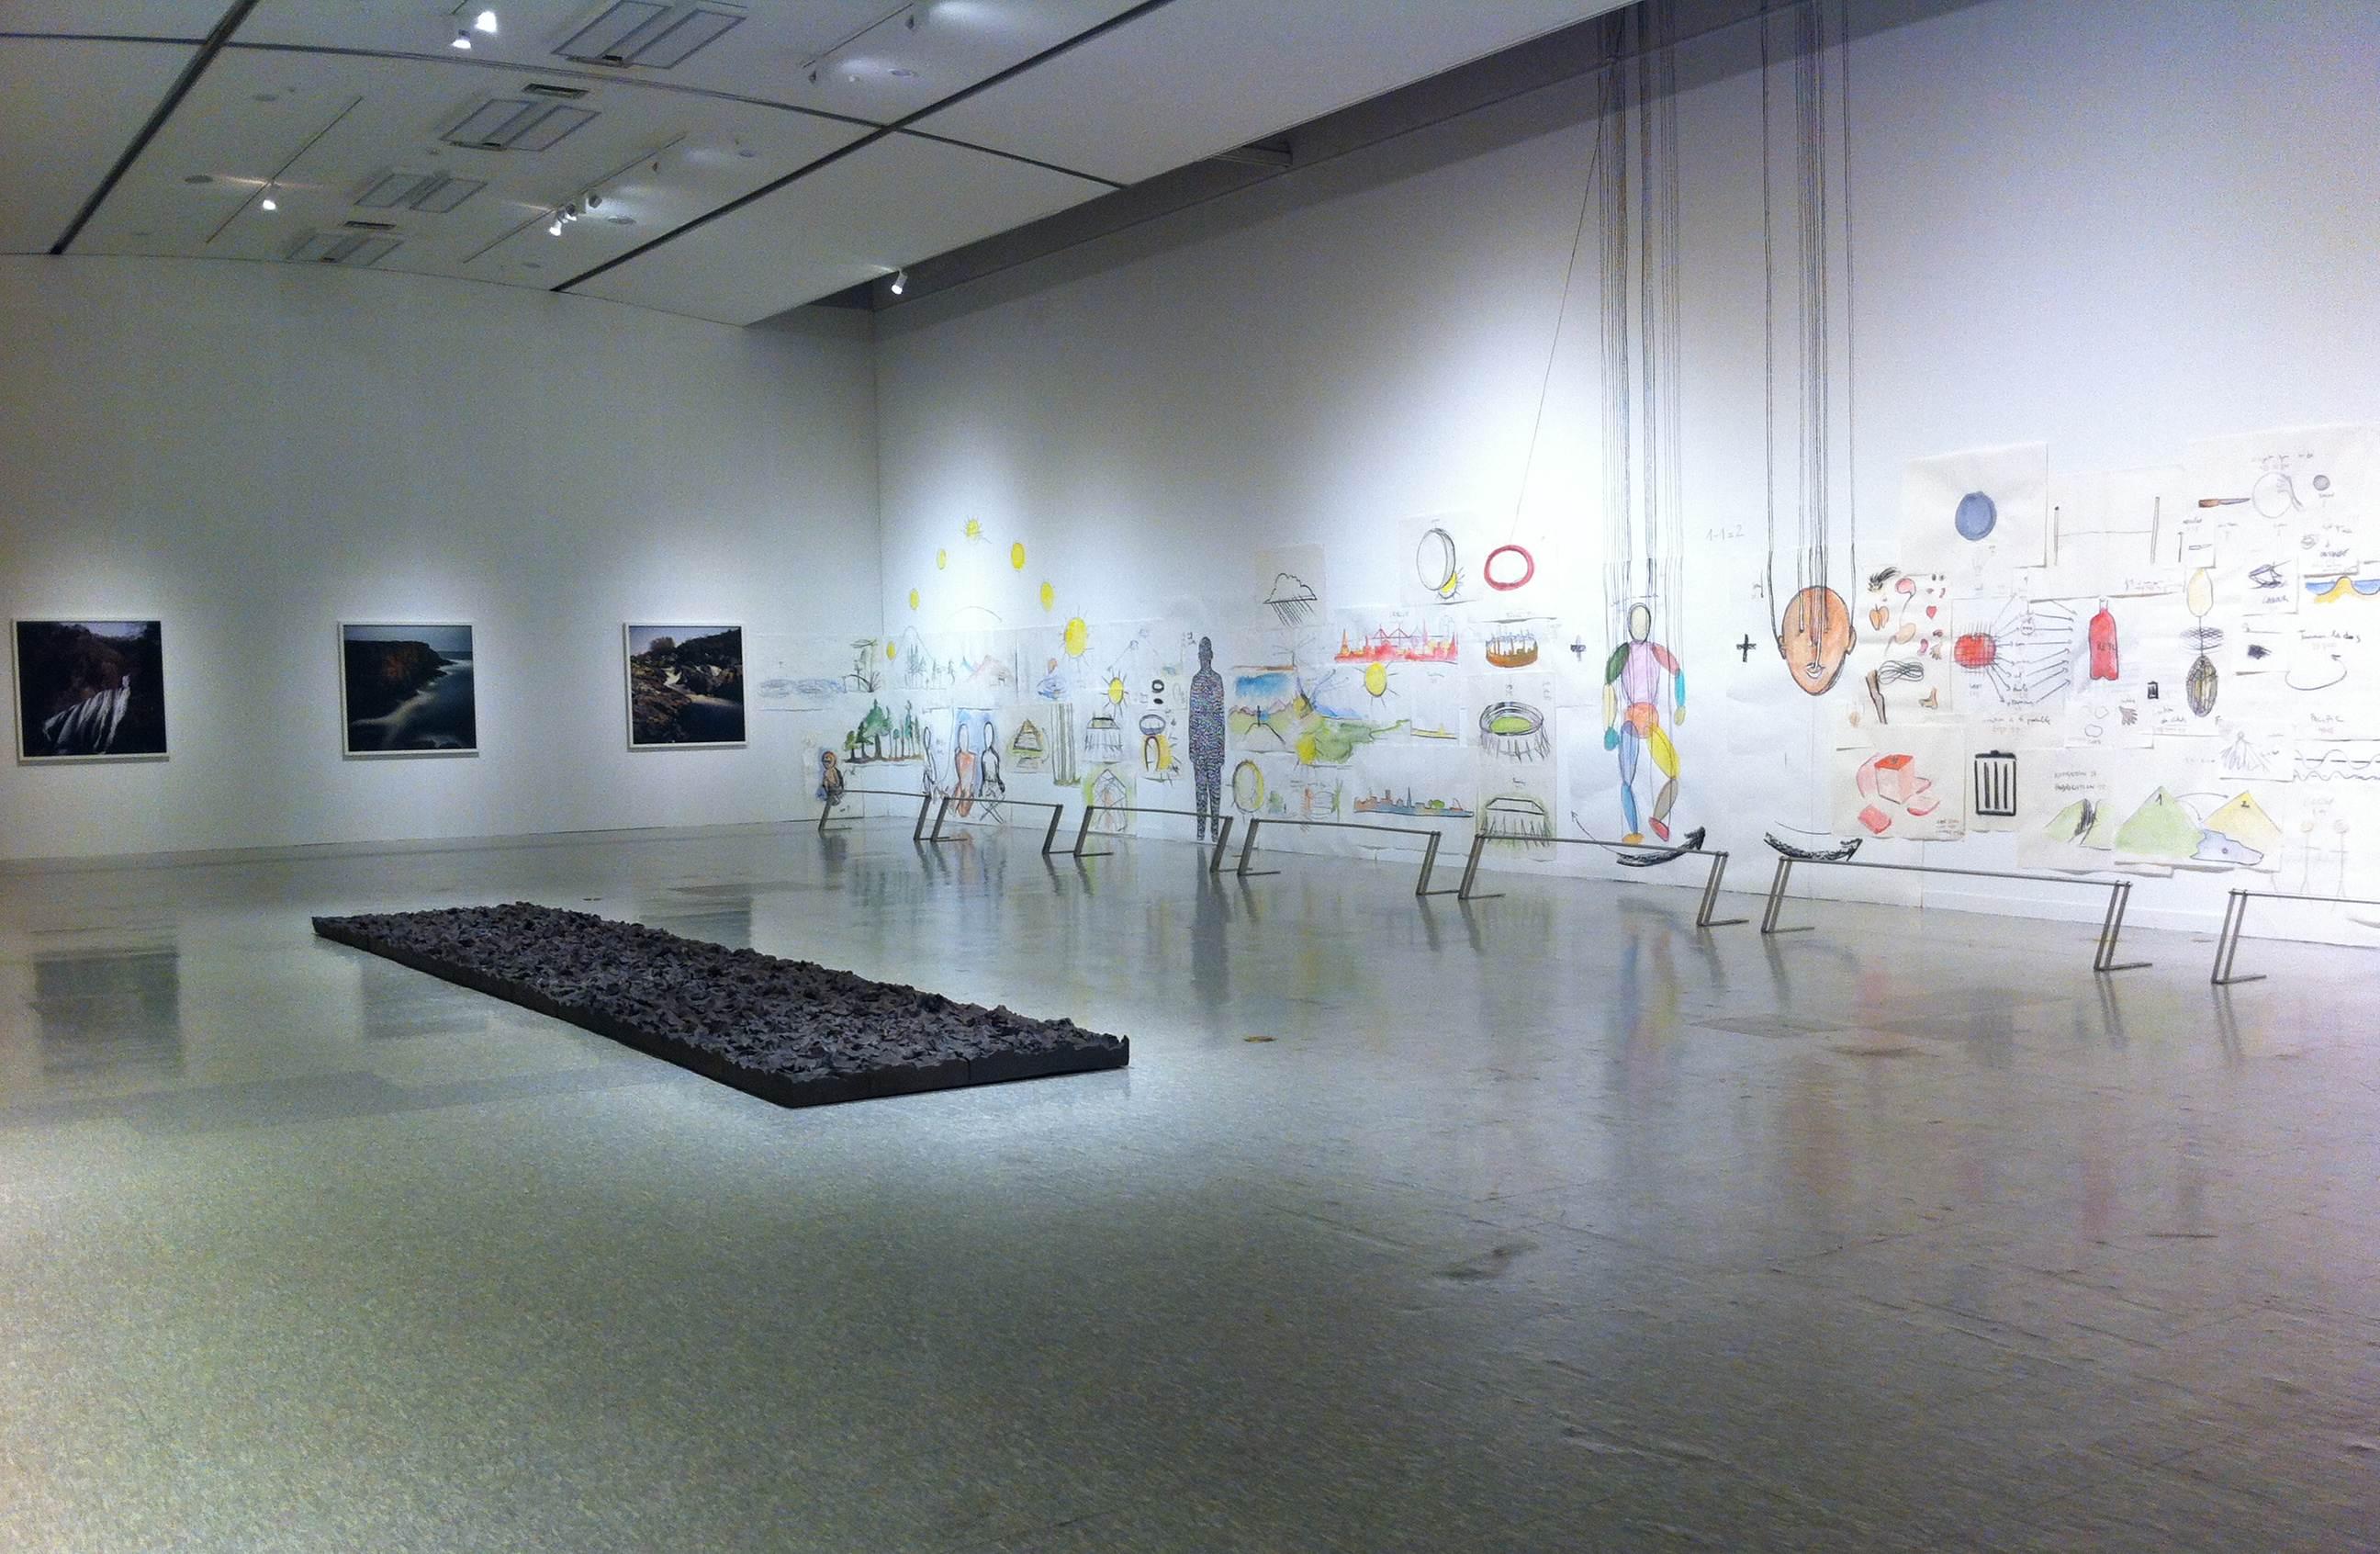 Vue de l'exposition Inhabiting the World, à Busan